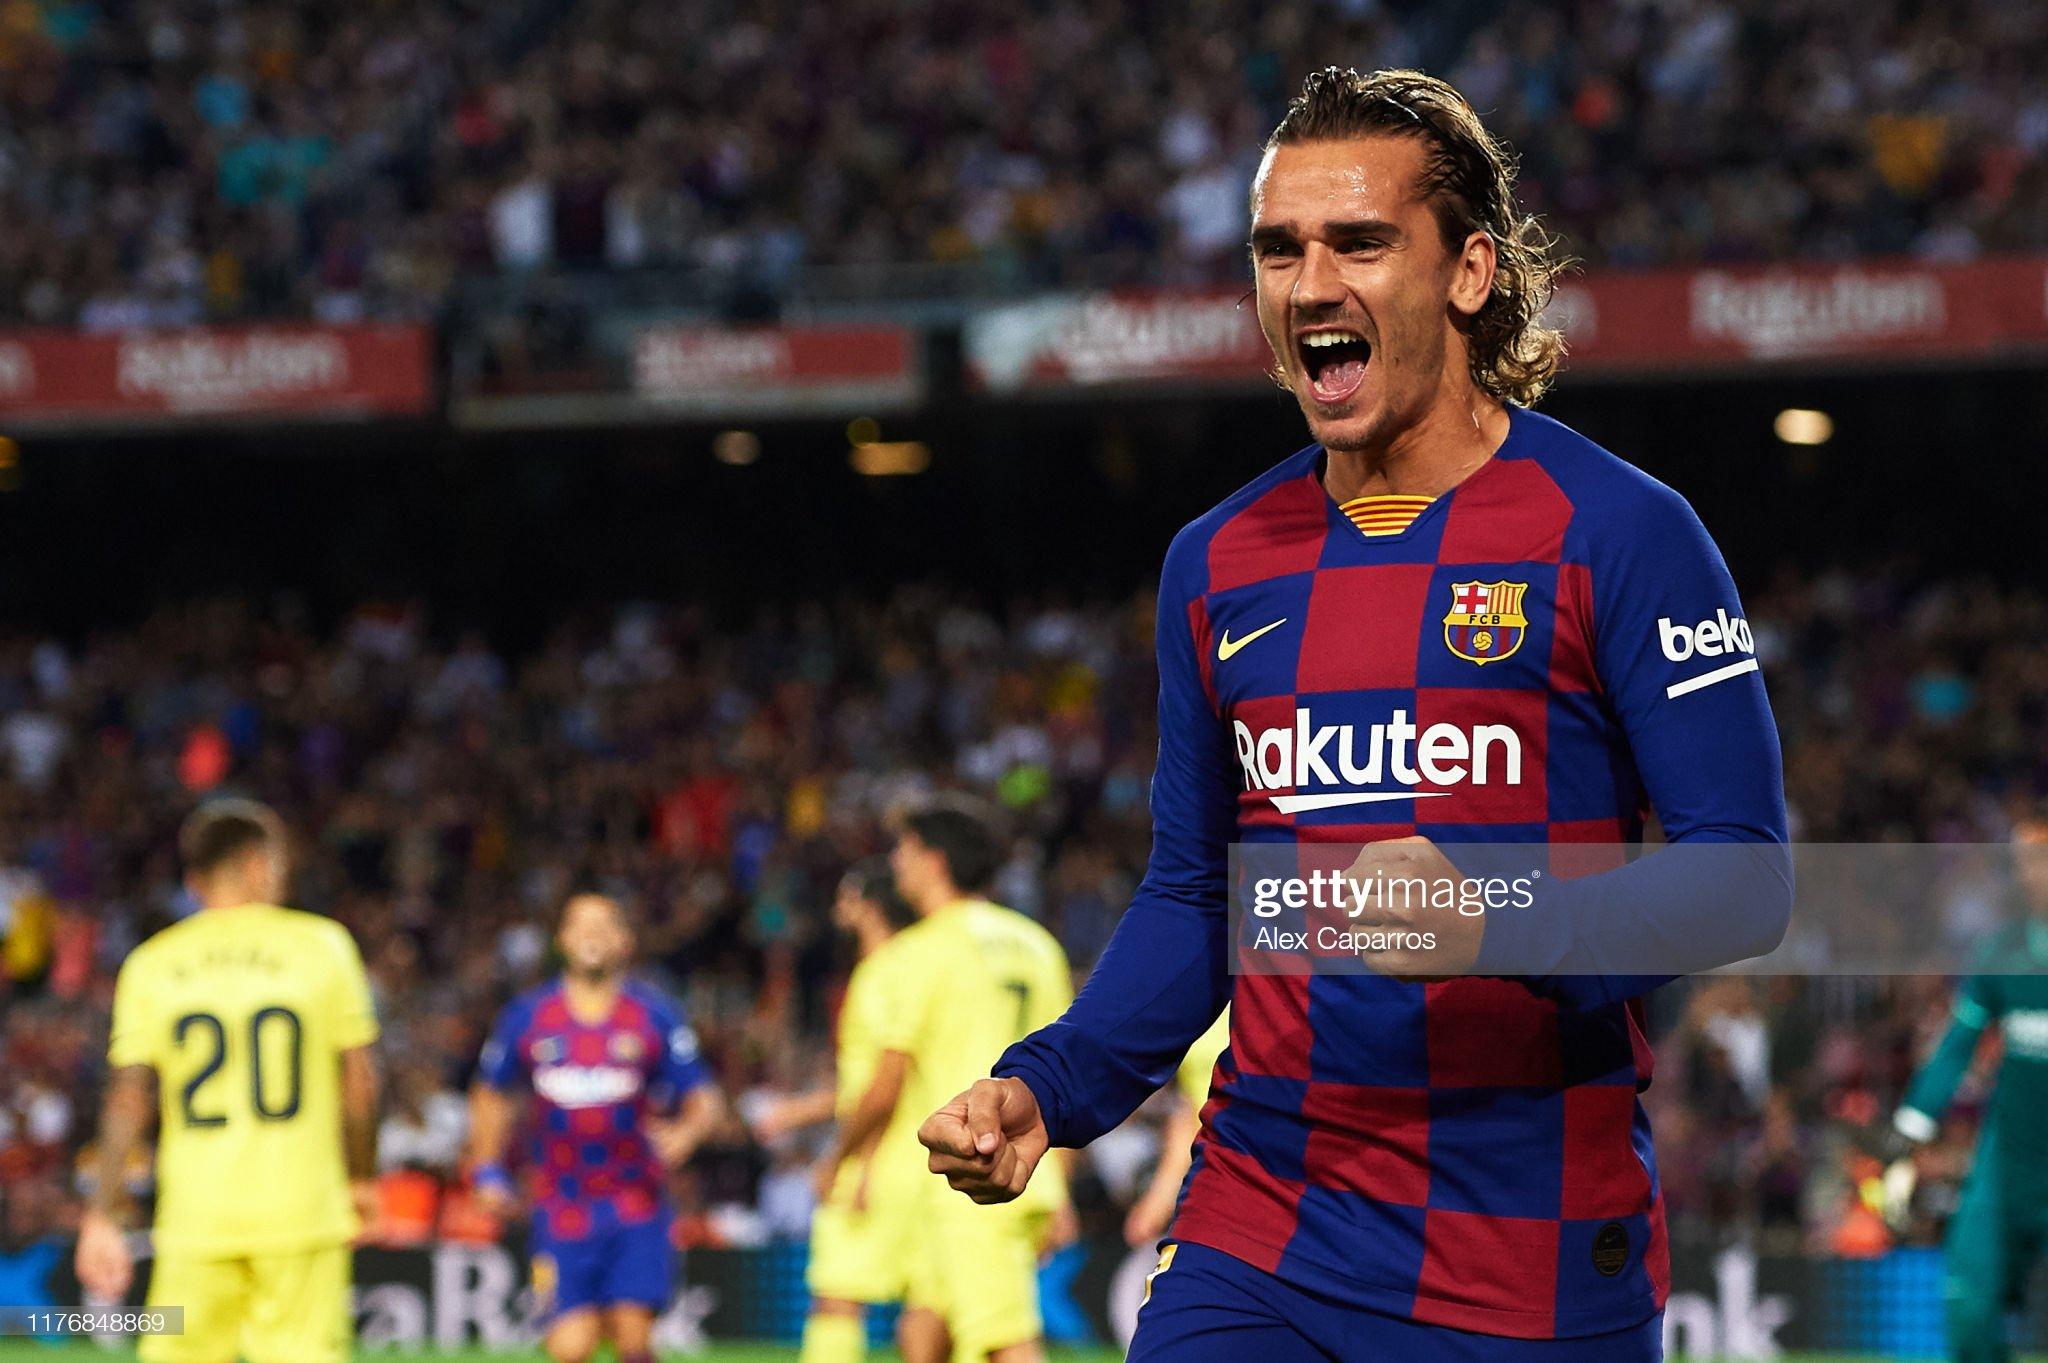 صور مباراة : برشلونة - فياريال 2-1 ( 24-09-2019 )  Antoine-griezmann-of-fc-barcelona-celebrates-scoring-the-opening-goal-picture-id1176848869?s=2048x2048